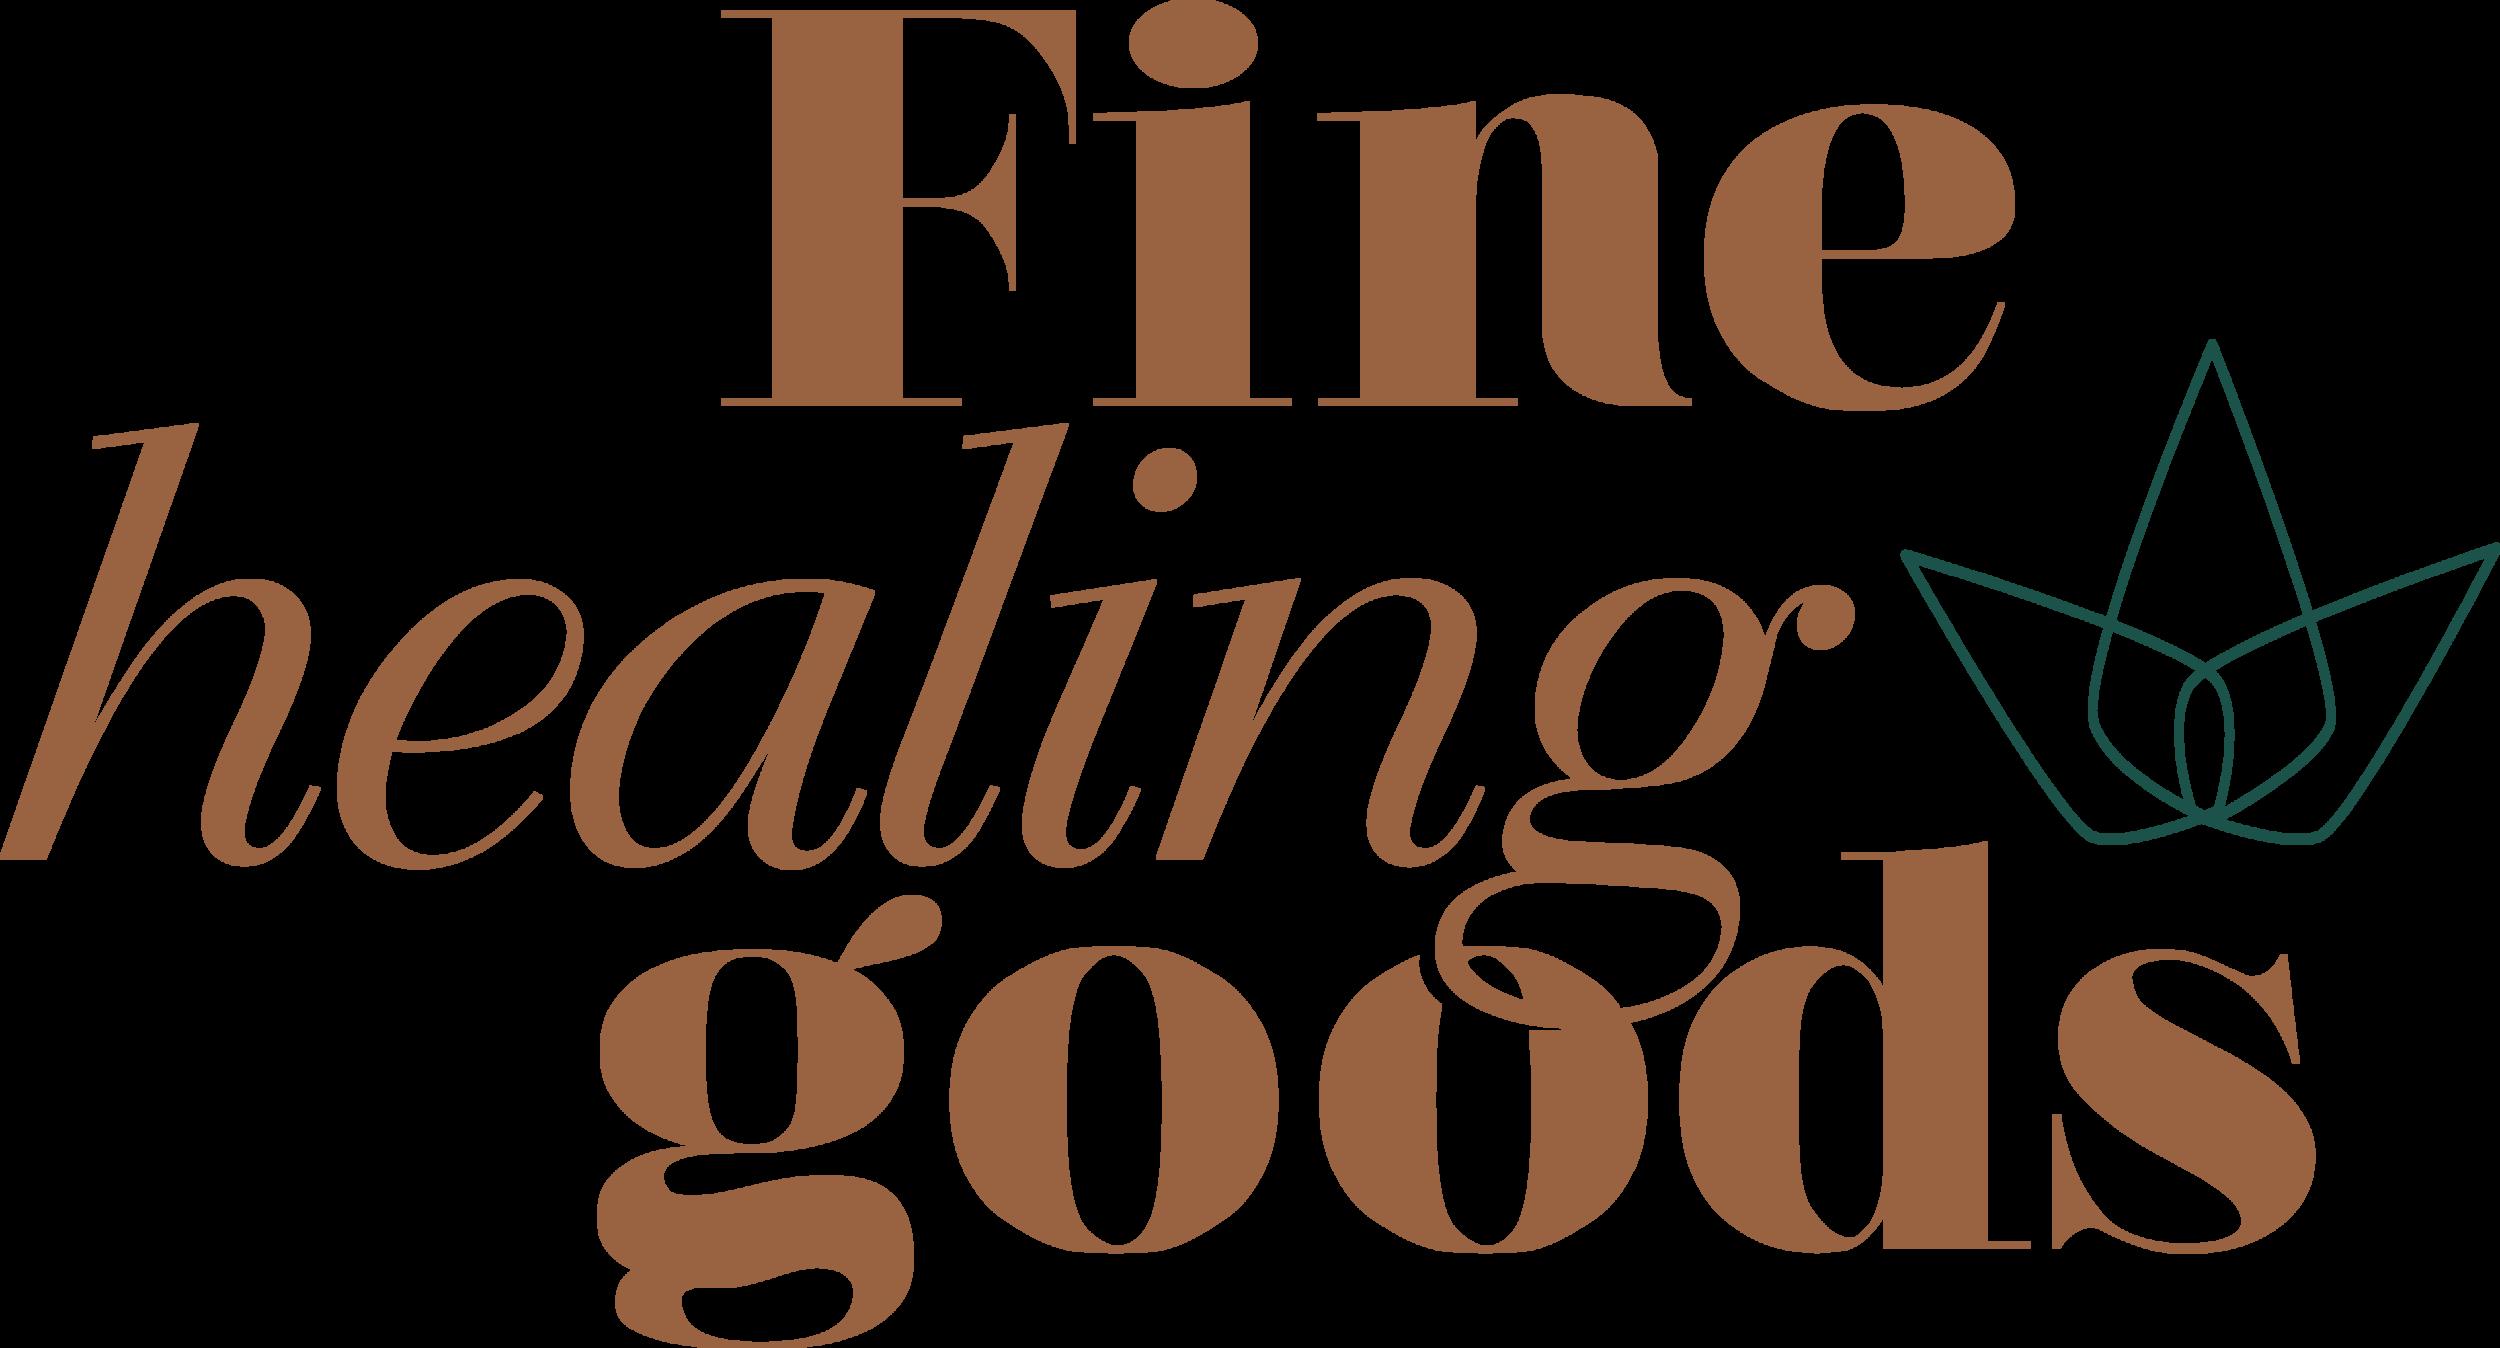 fine_healing_goods_fulllogo.png